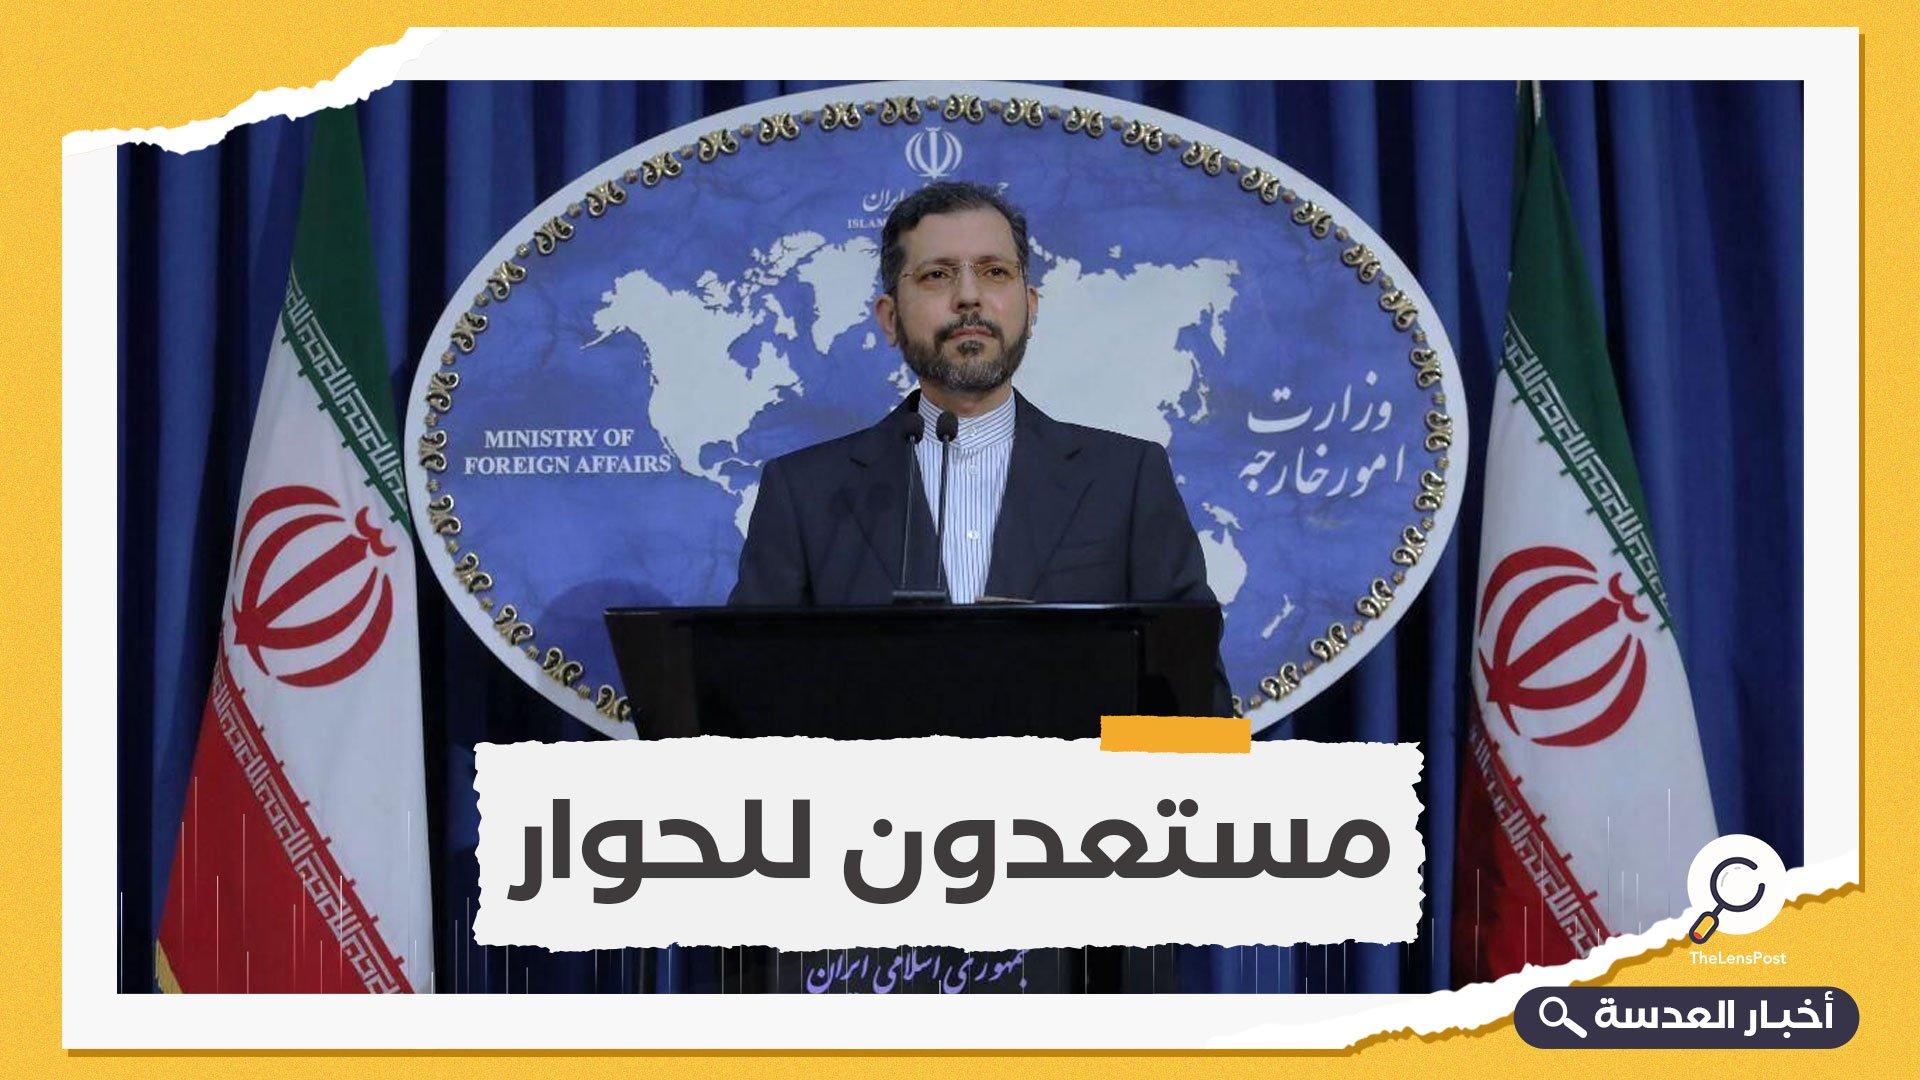 إيران تعلن استعدادها الكامل للحوار مع السعودية.. هل سيحدث ذلك؟